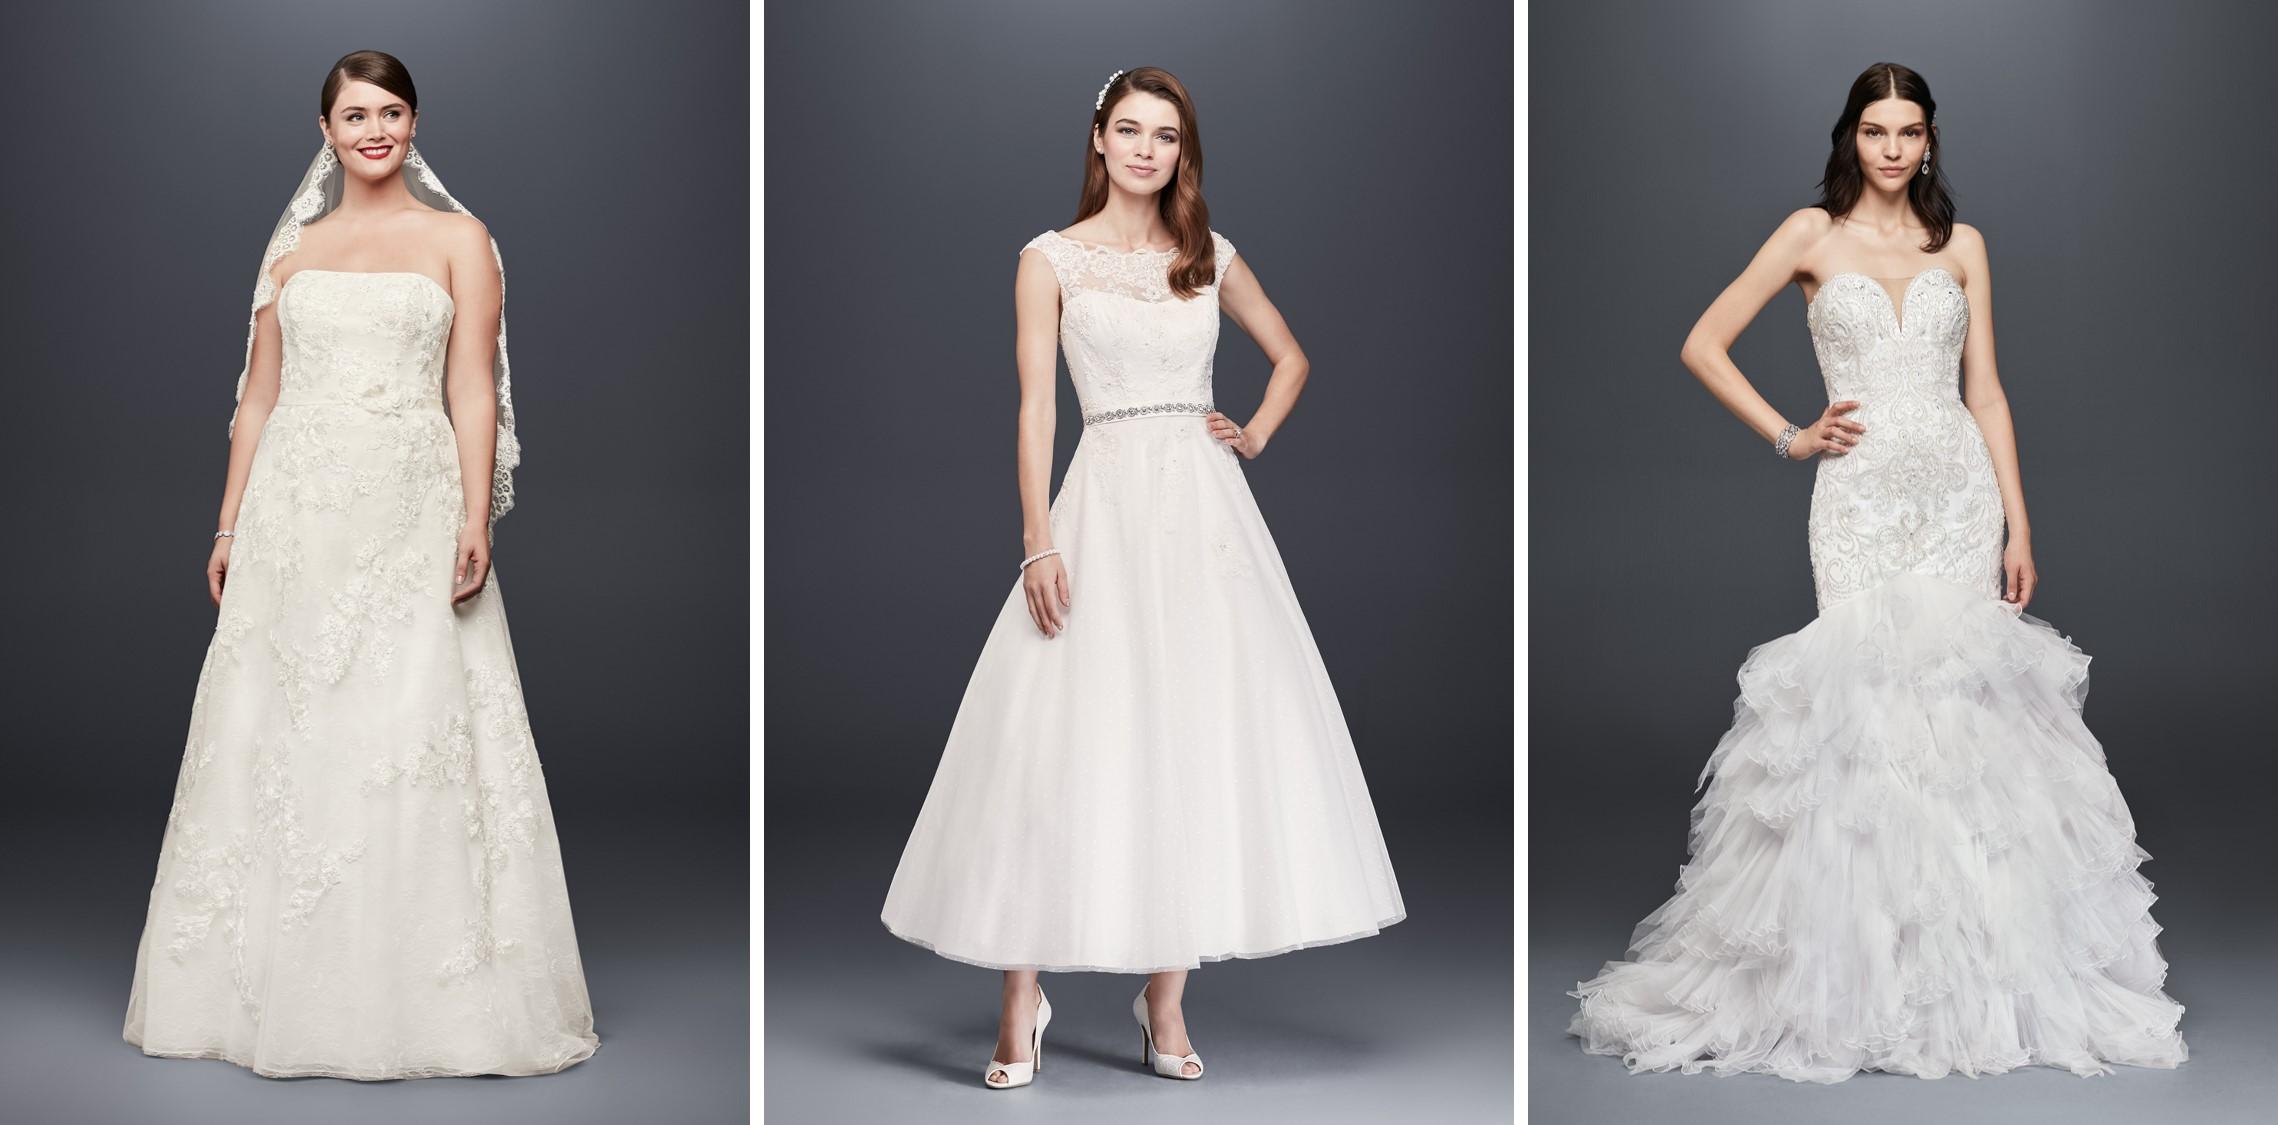 Summer Wedding Dress Clearance Event